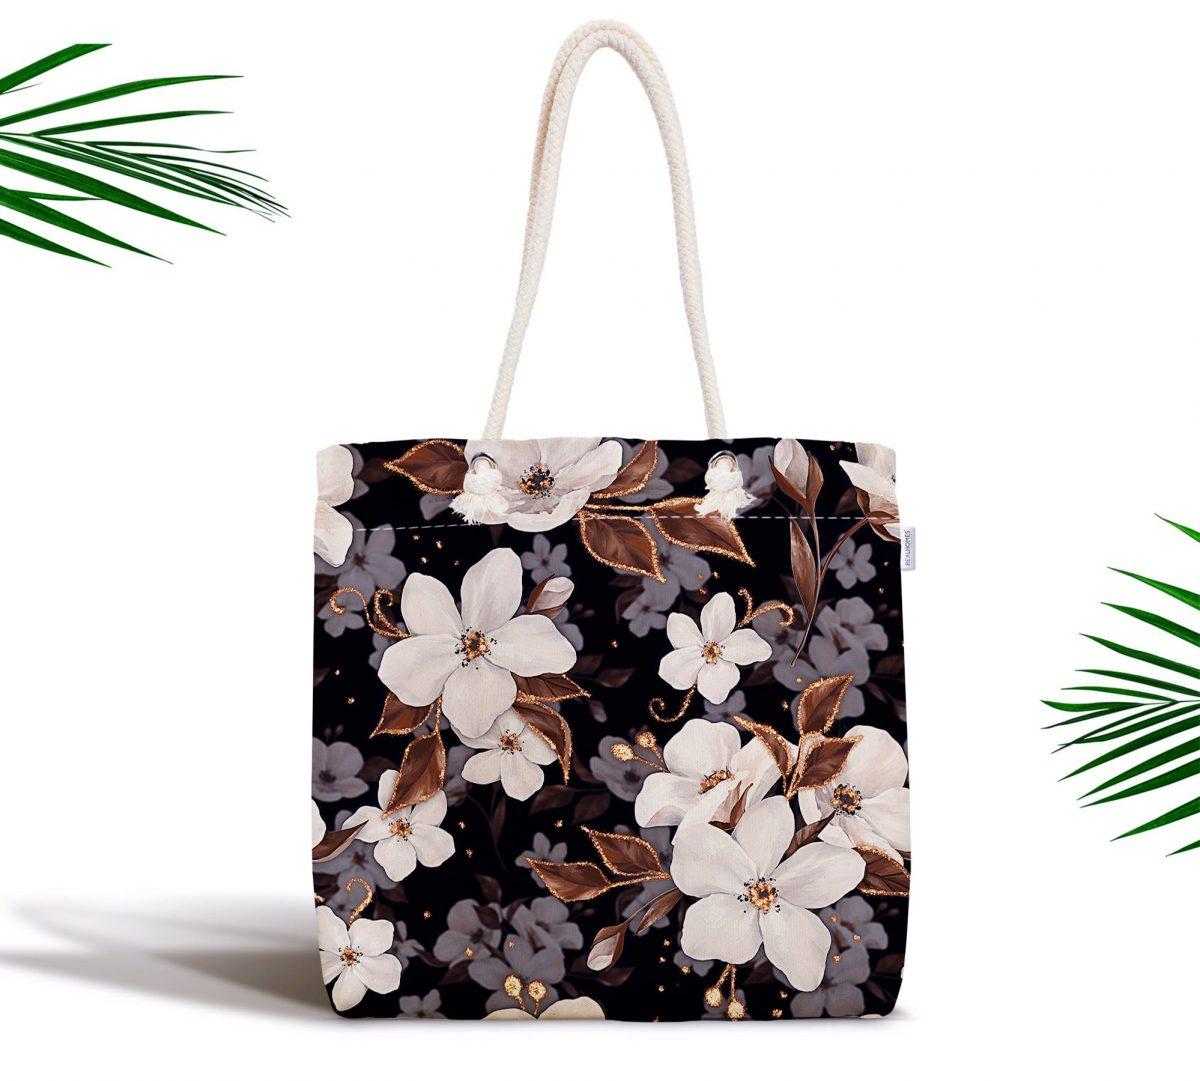 Siyah Zeminde 3D Çiçekler Temalı Modern Fermuarlı Kumaş Çanta Realhomes